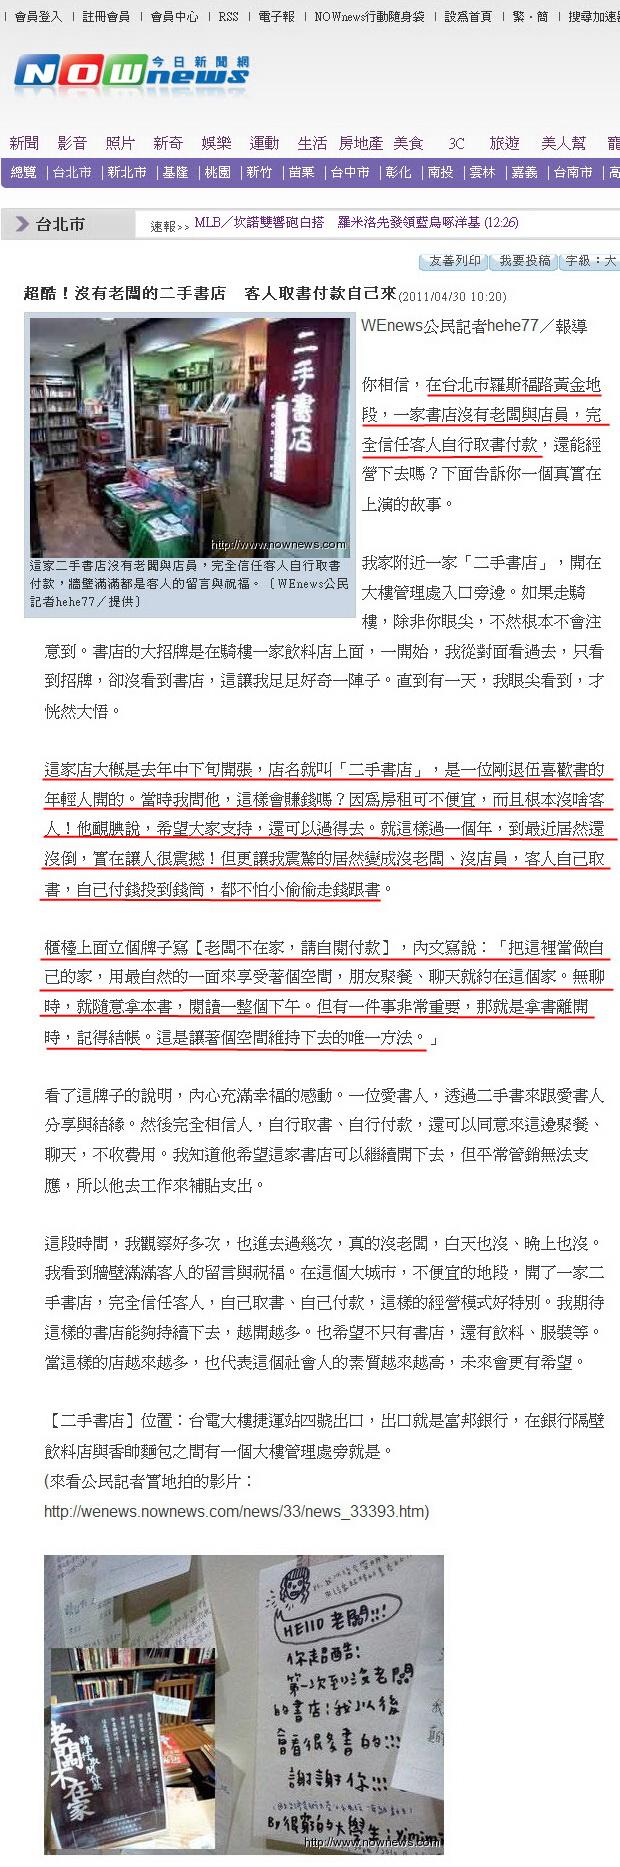 台北市/超酷!沒有老闆的二手書店 客人取書付款自己來-2011.04.30.jpg